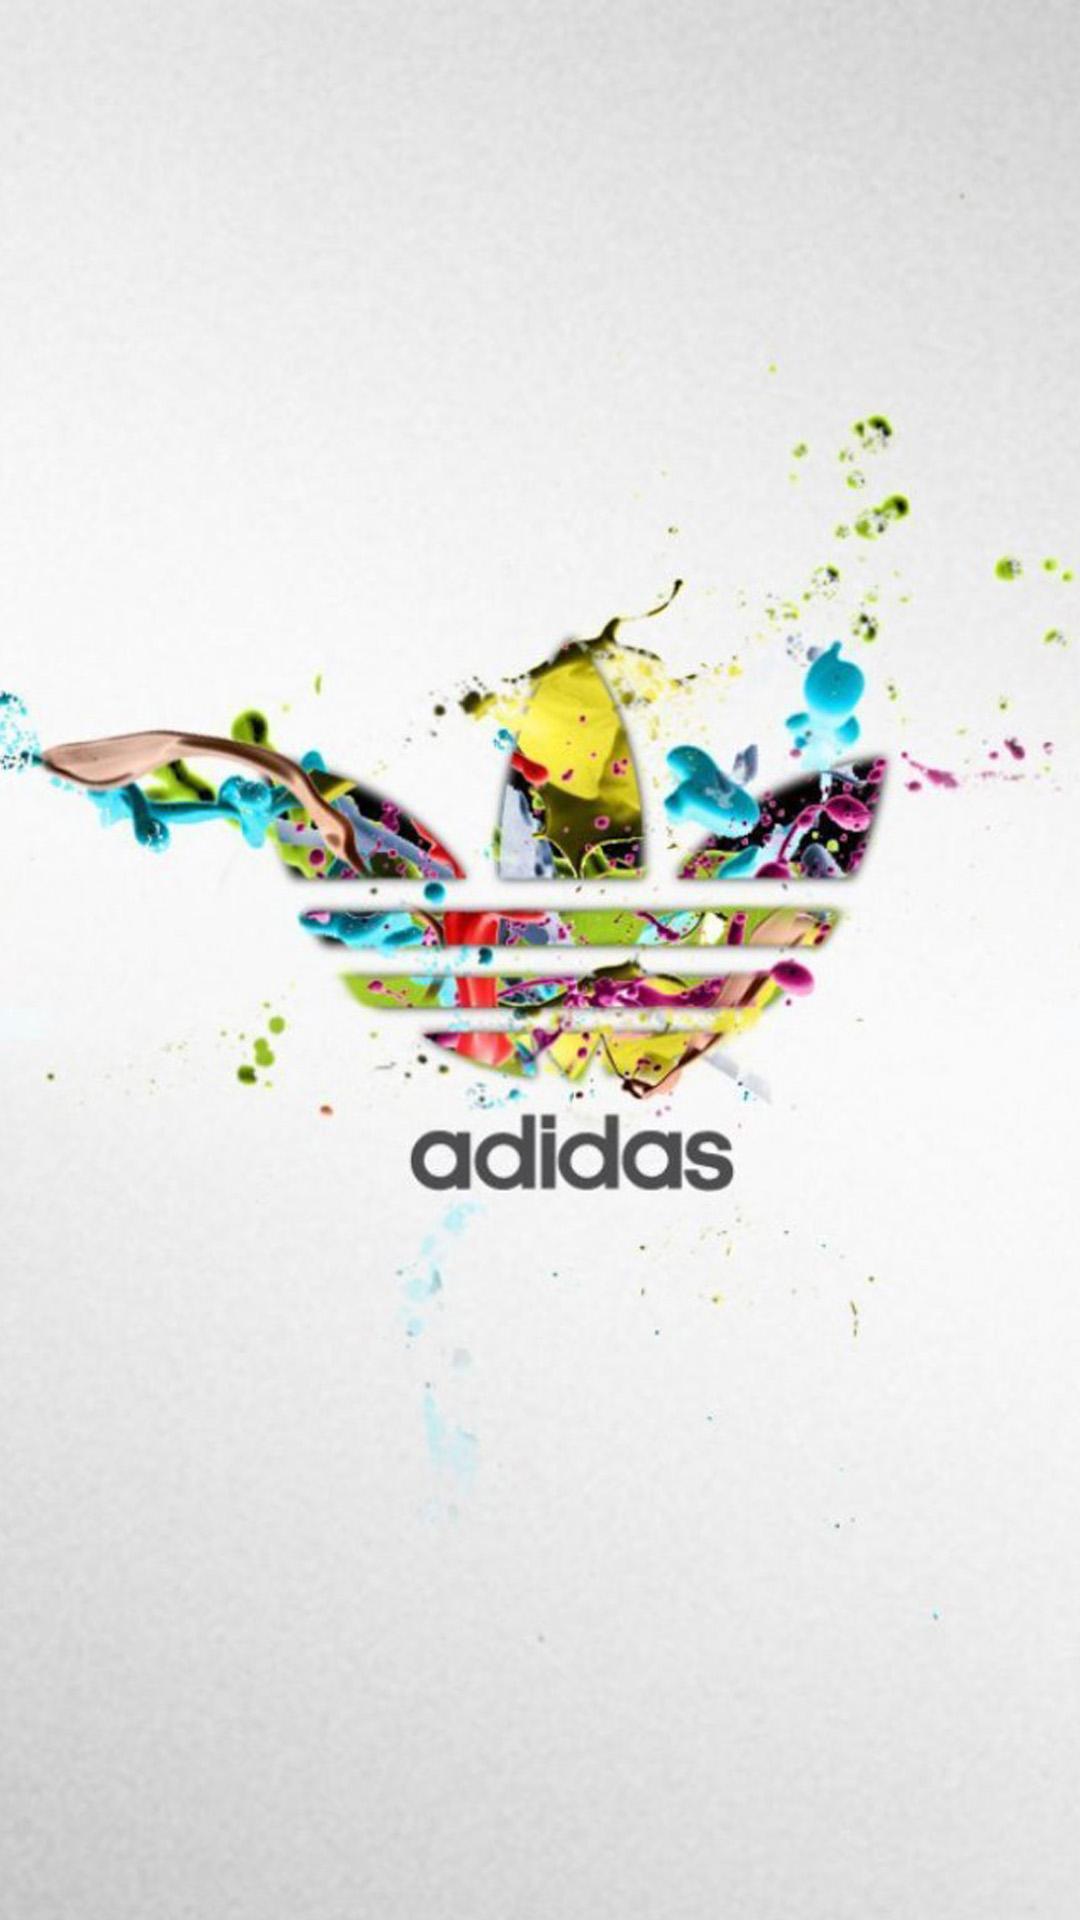 Desktop Hd Wallpapers Quotes Inspire Adidas Iphone Hd Wallpaper Pixelstalk Net